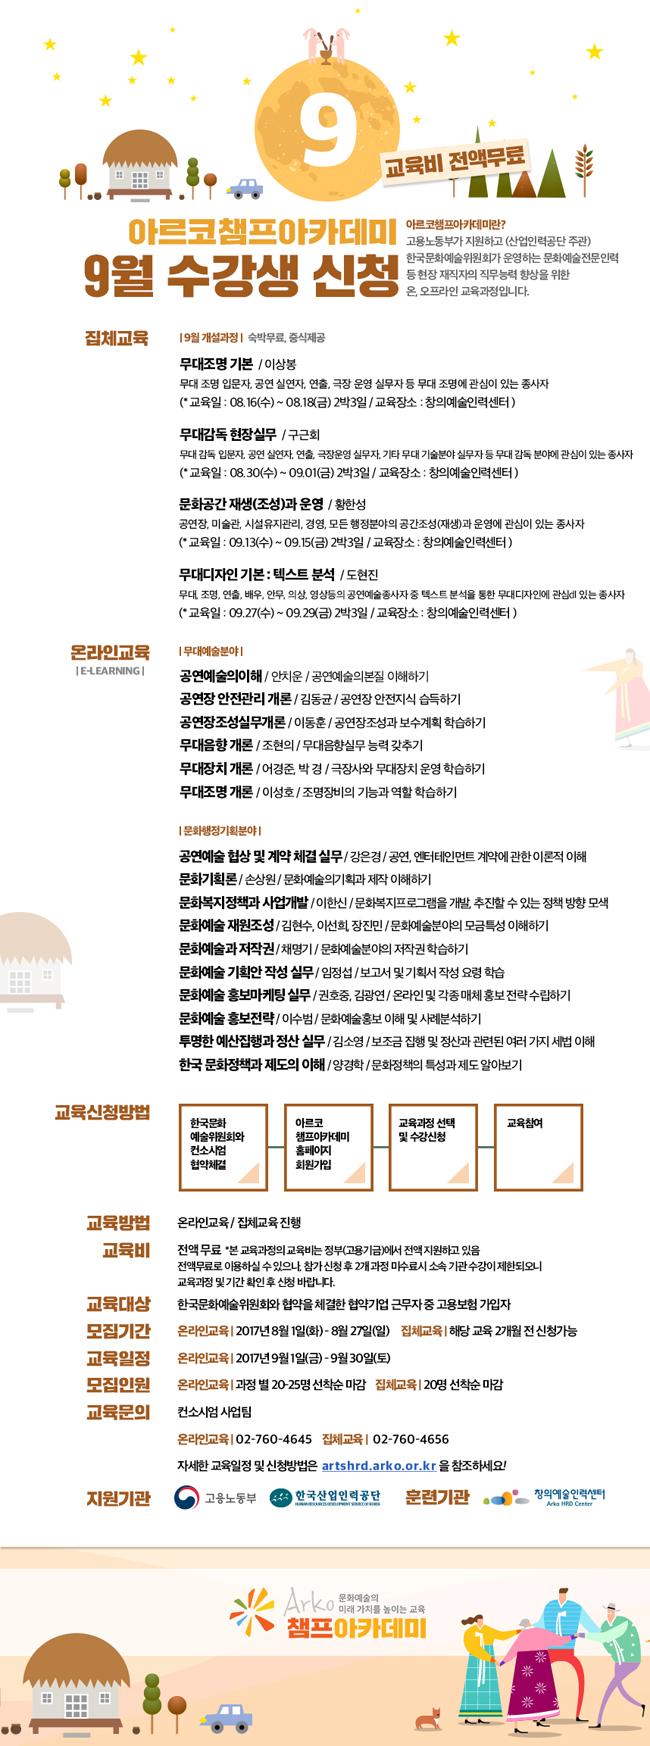 아르코챔프아카데미 9월 수강생 모집